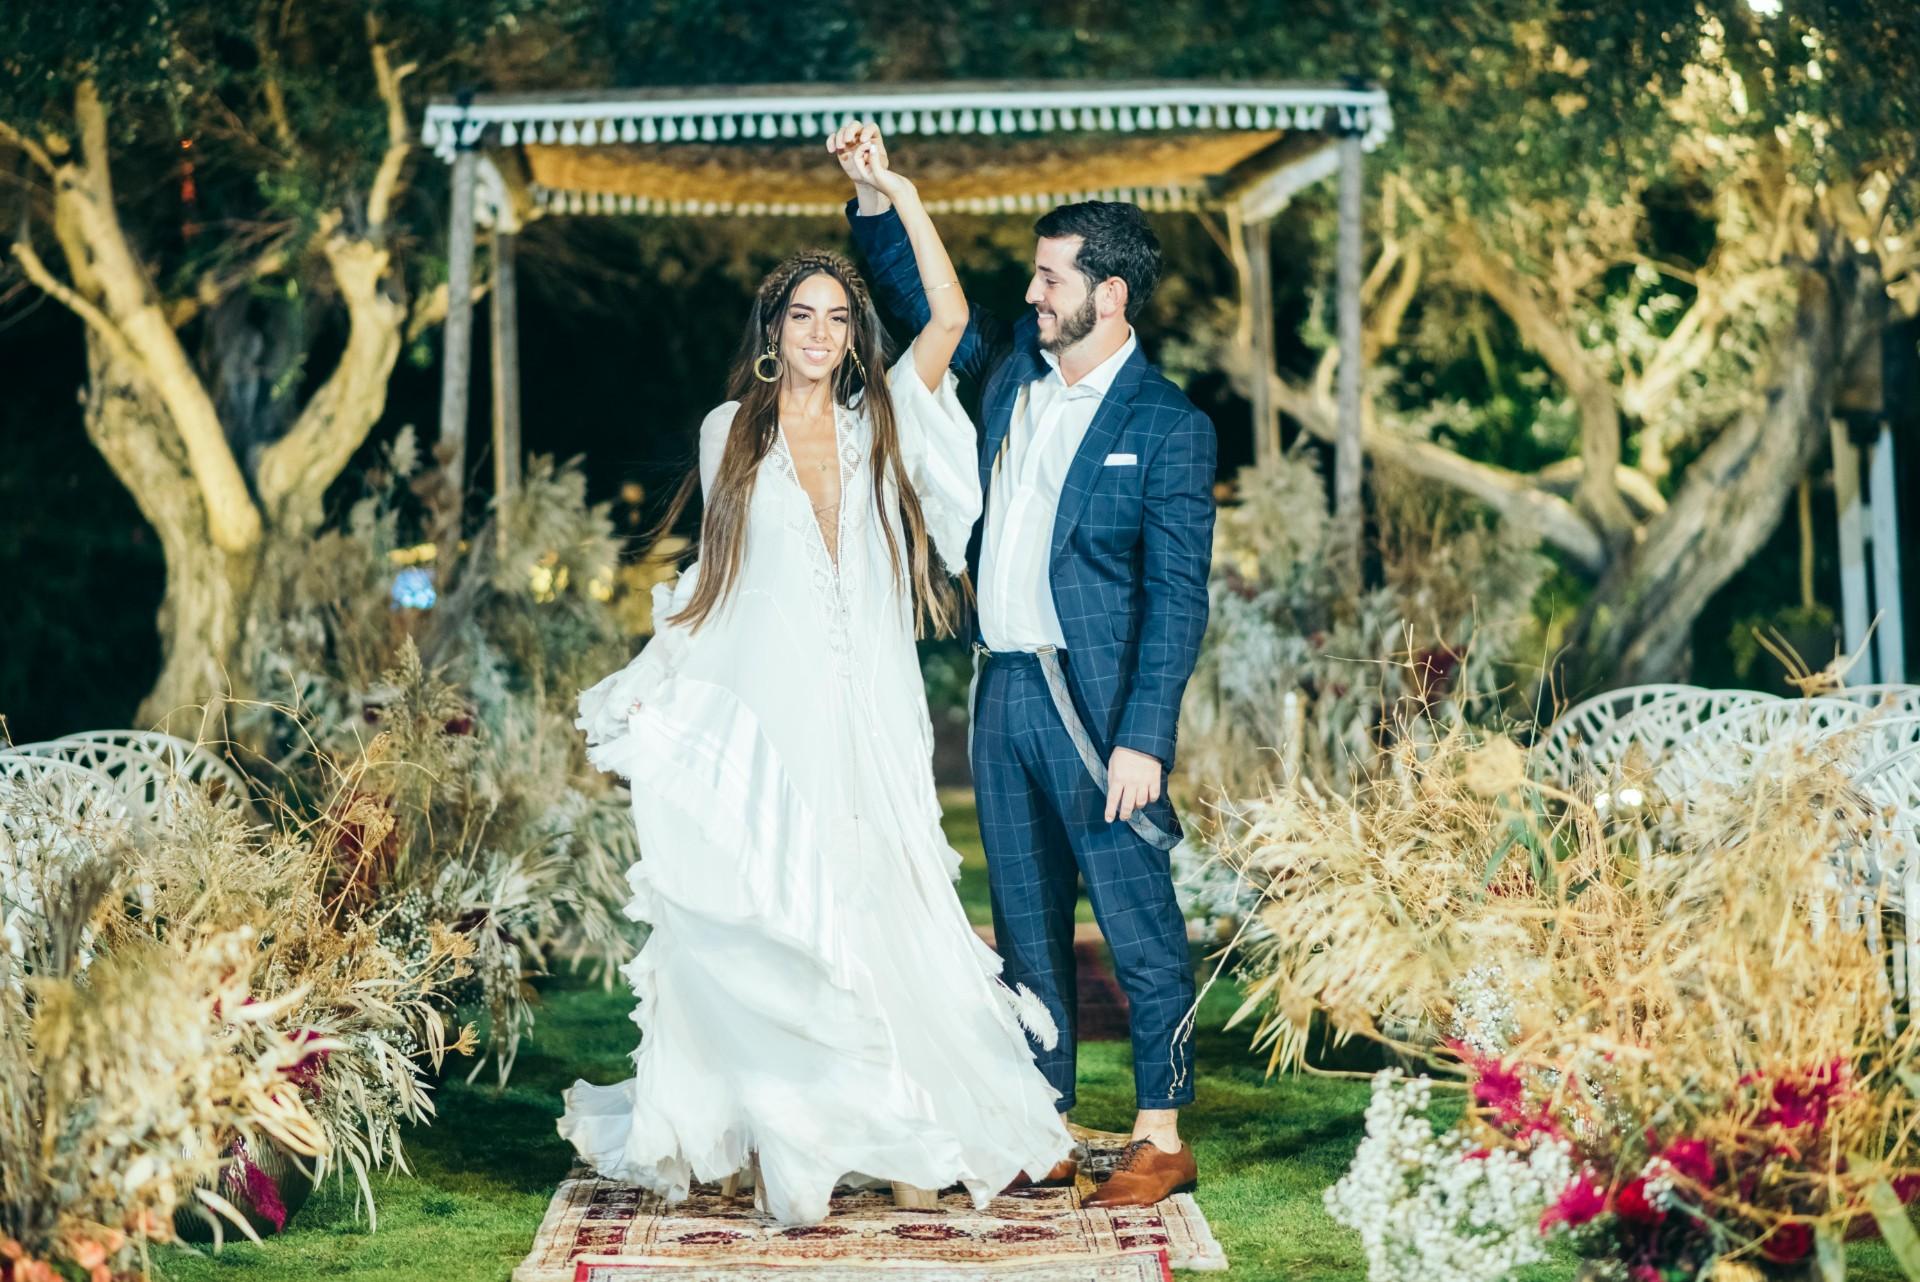 מהודו באהבה: החתונה של יורן ואייל